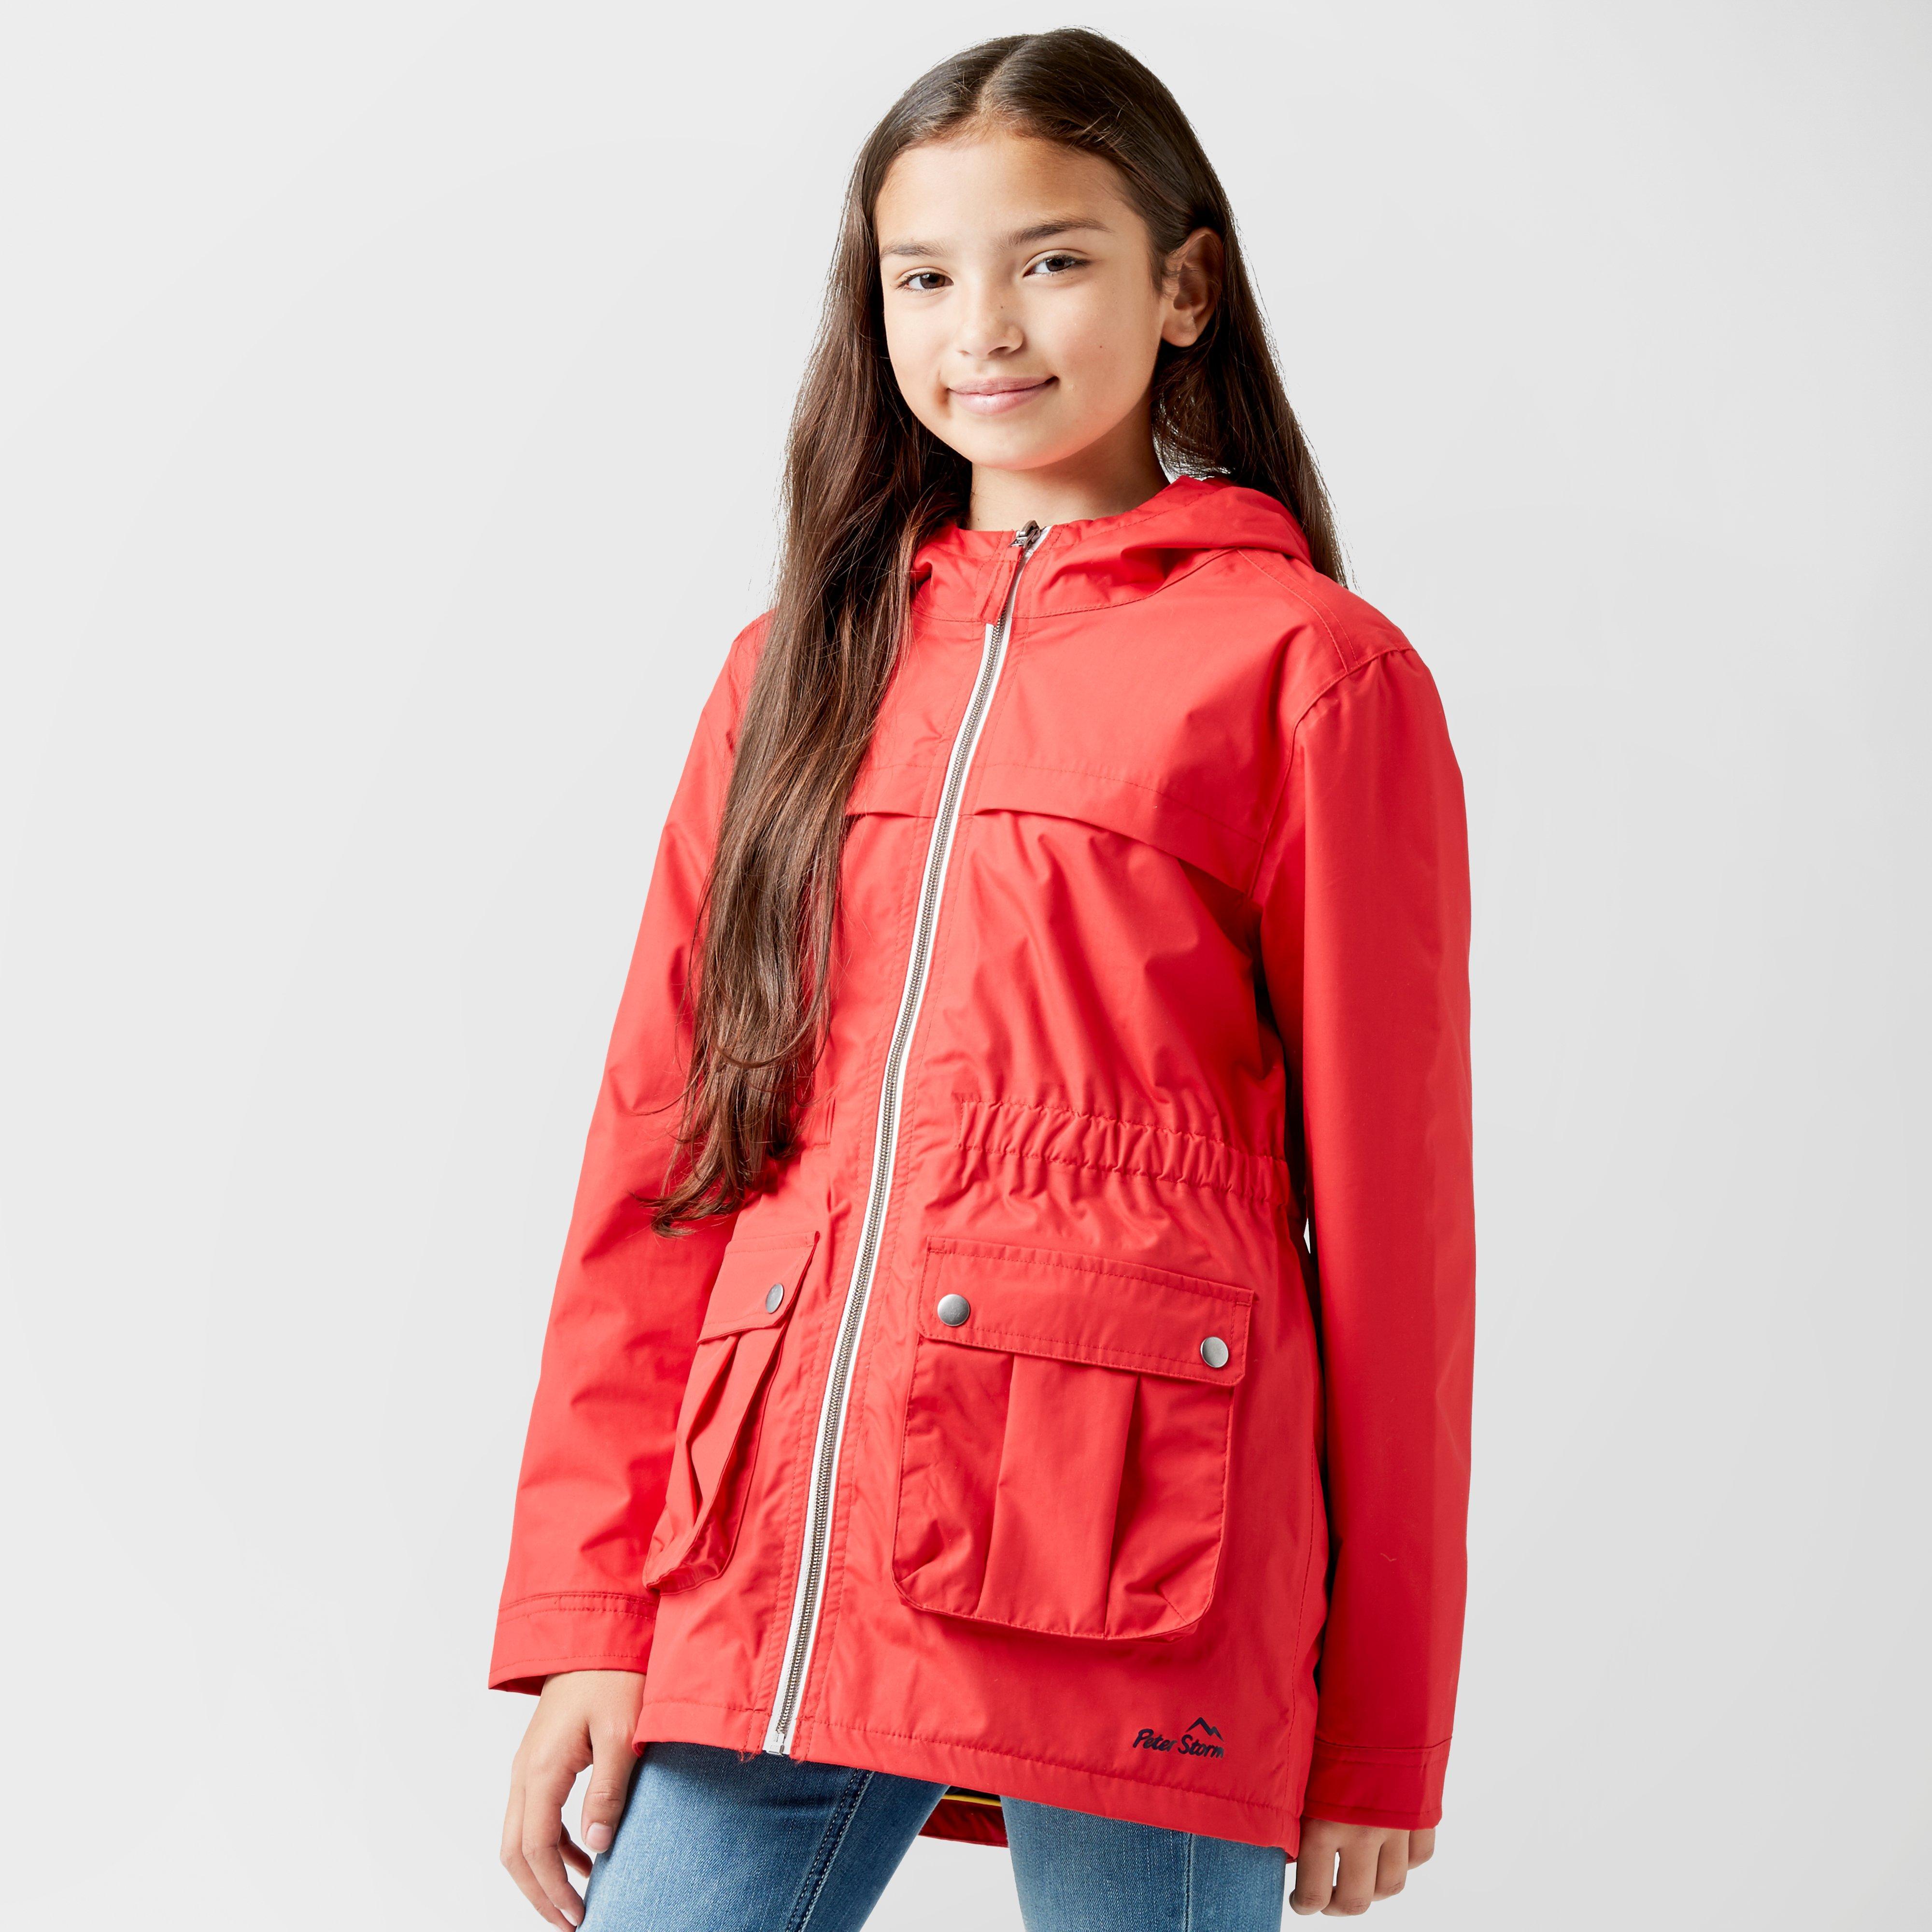 Photo of Peter storm kids weekend waterproof jacket - red- red